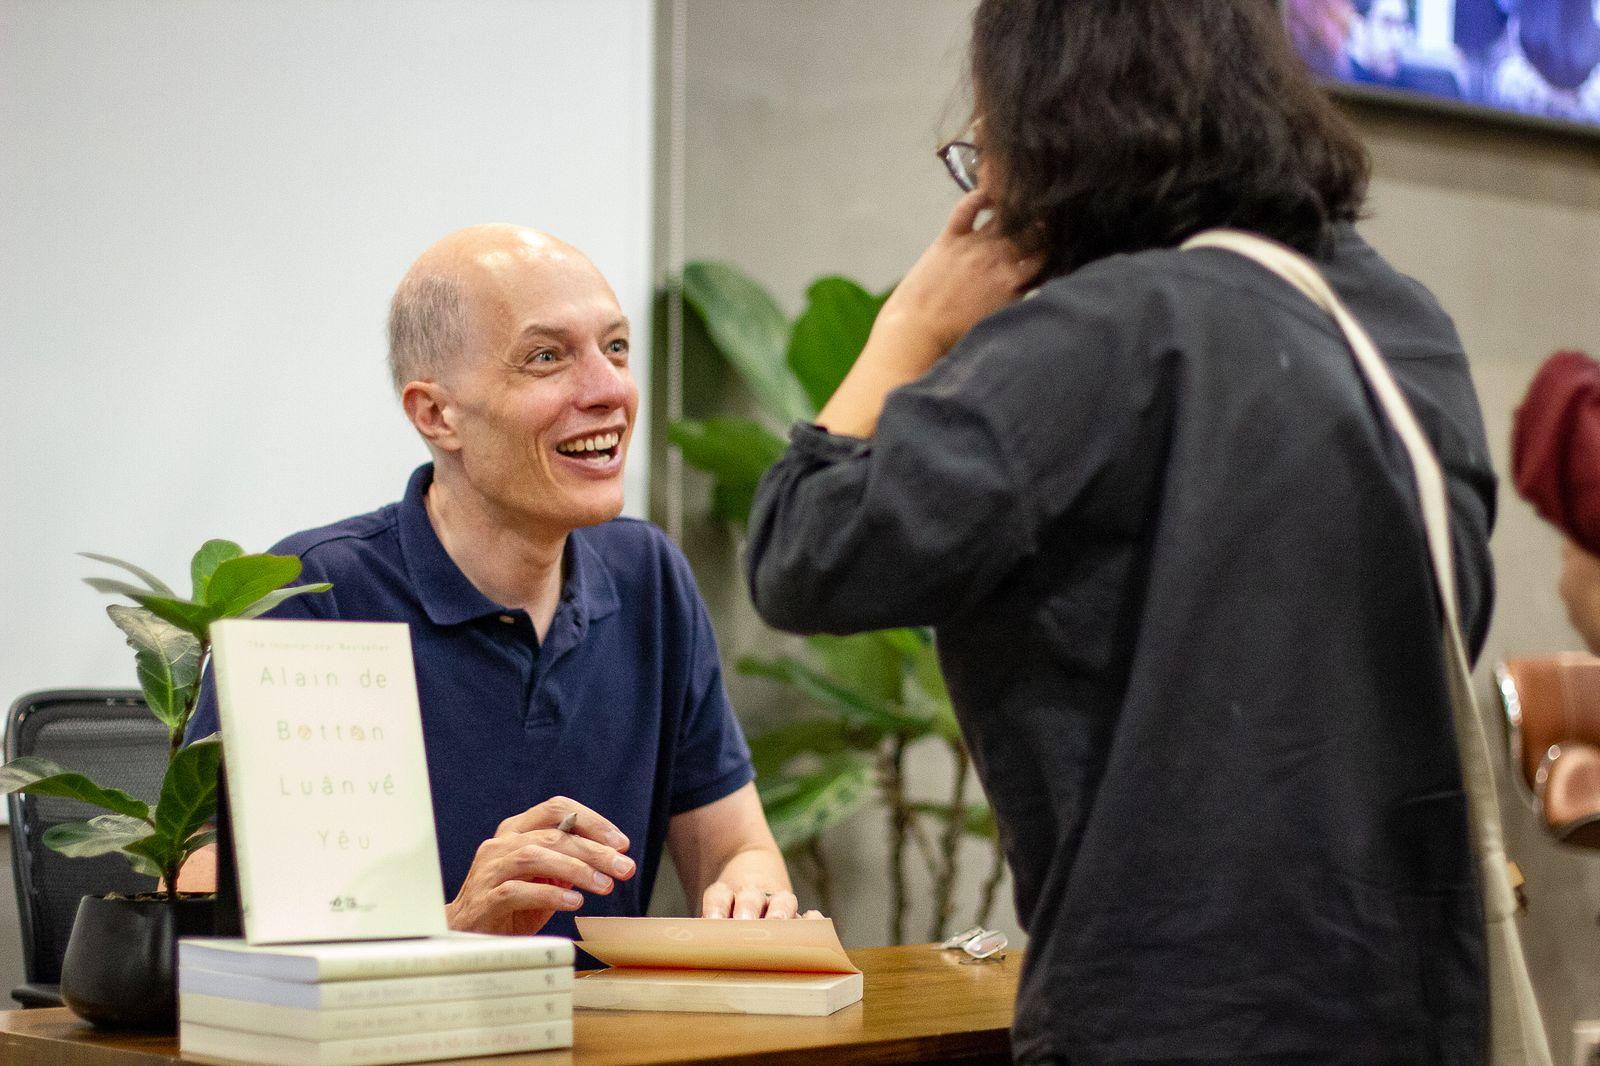 Alain de Botton Visits Vietnam: 'What I Want to Argue Is